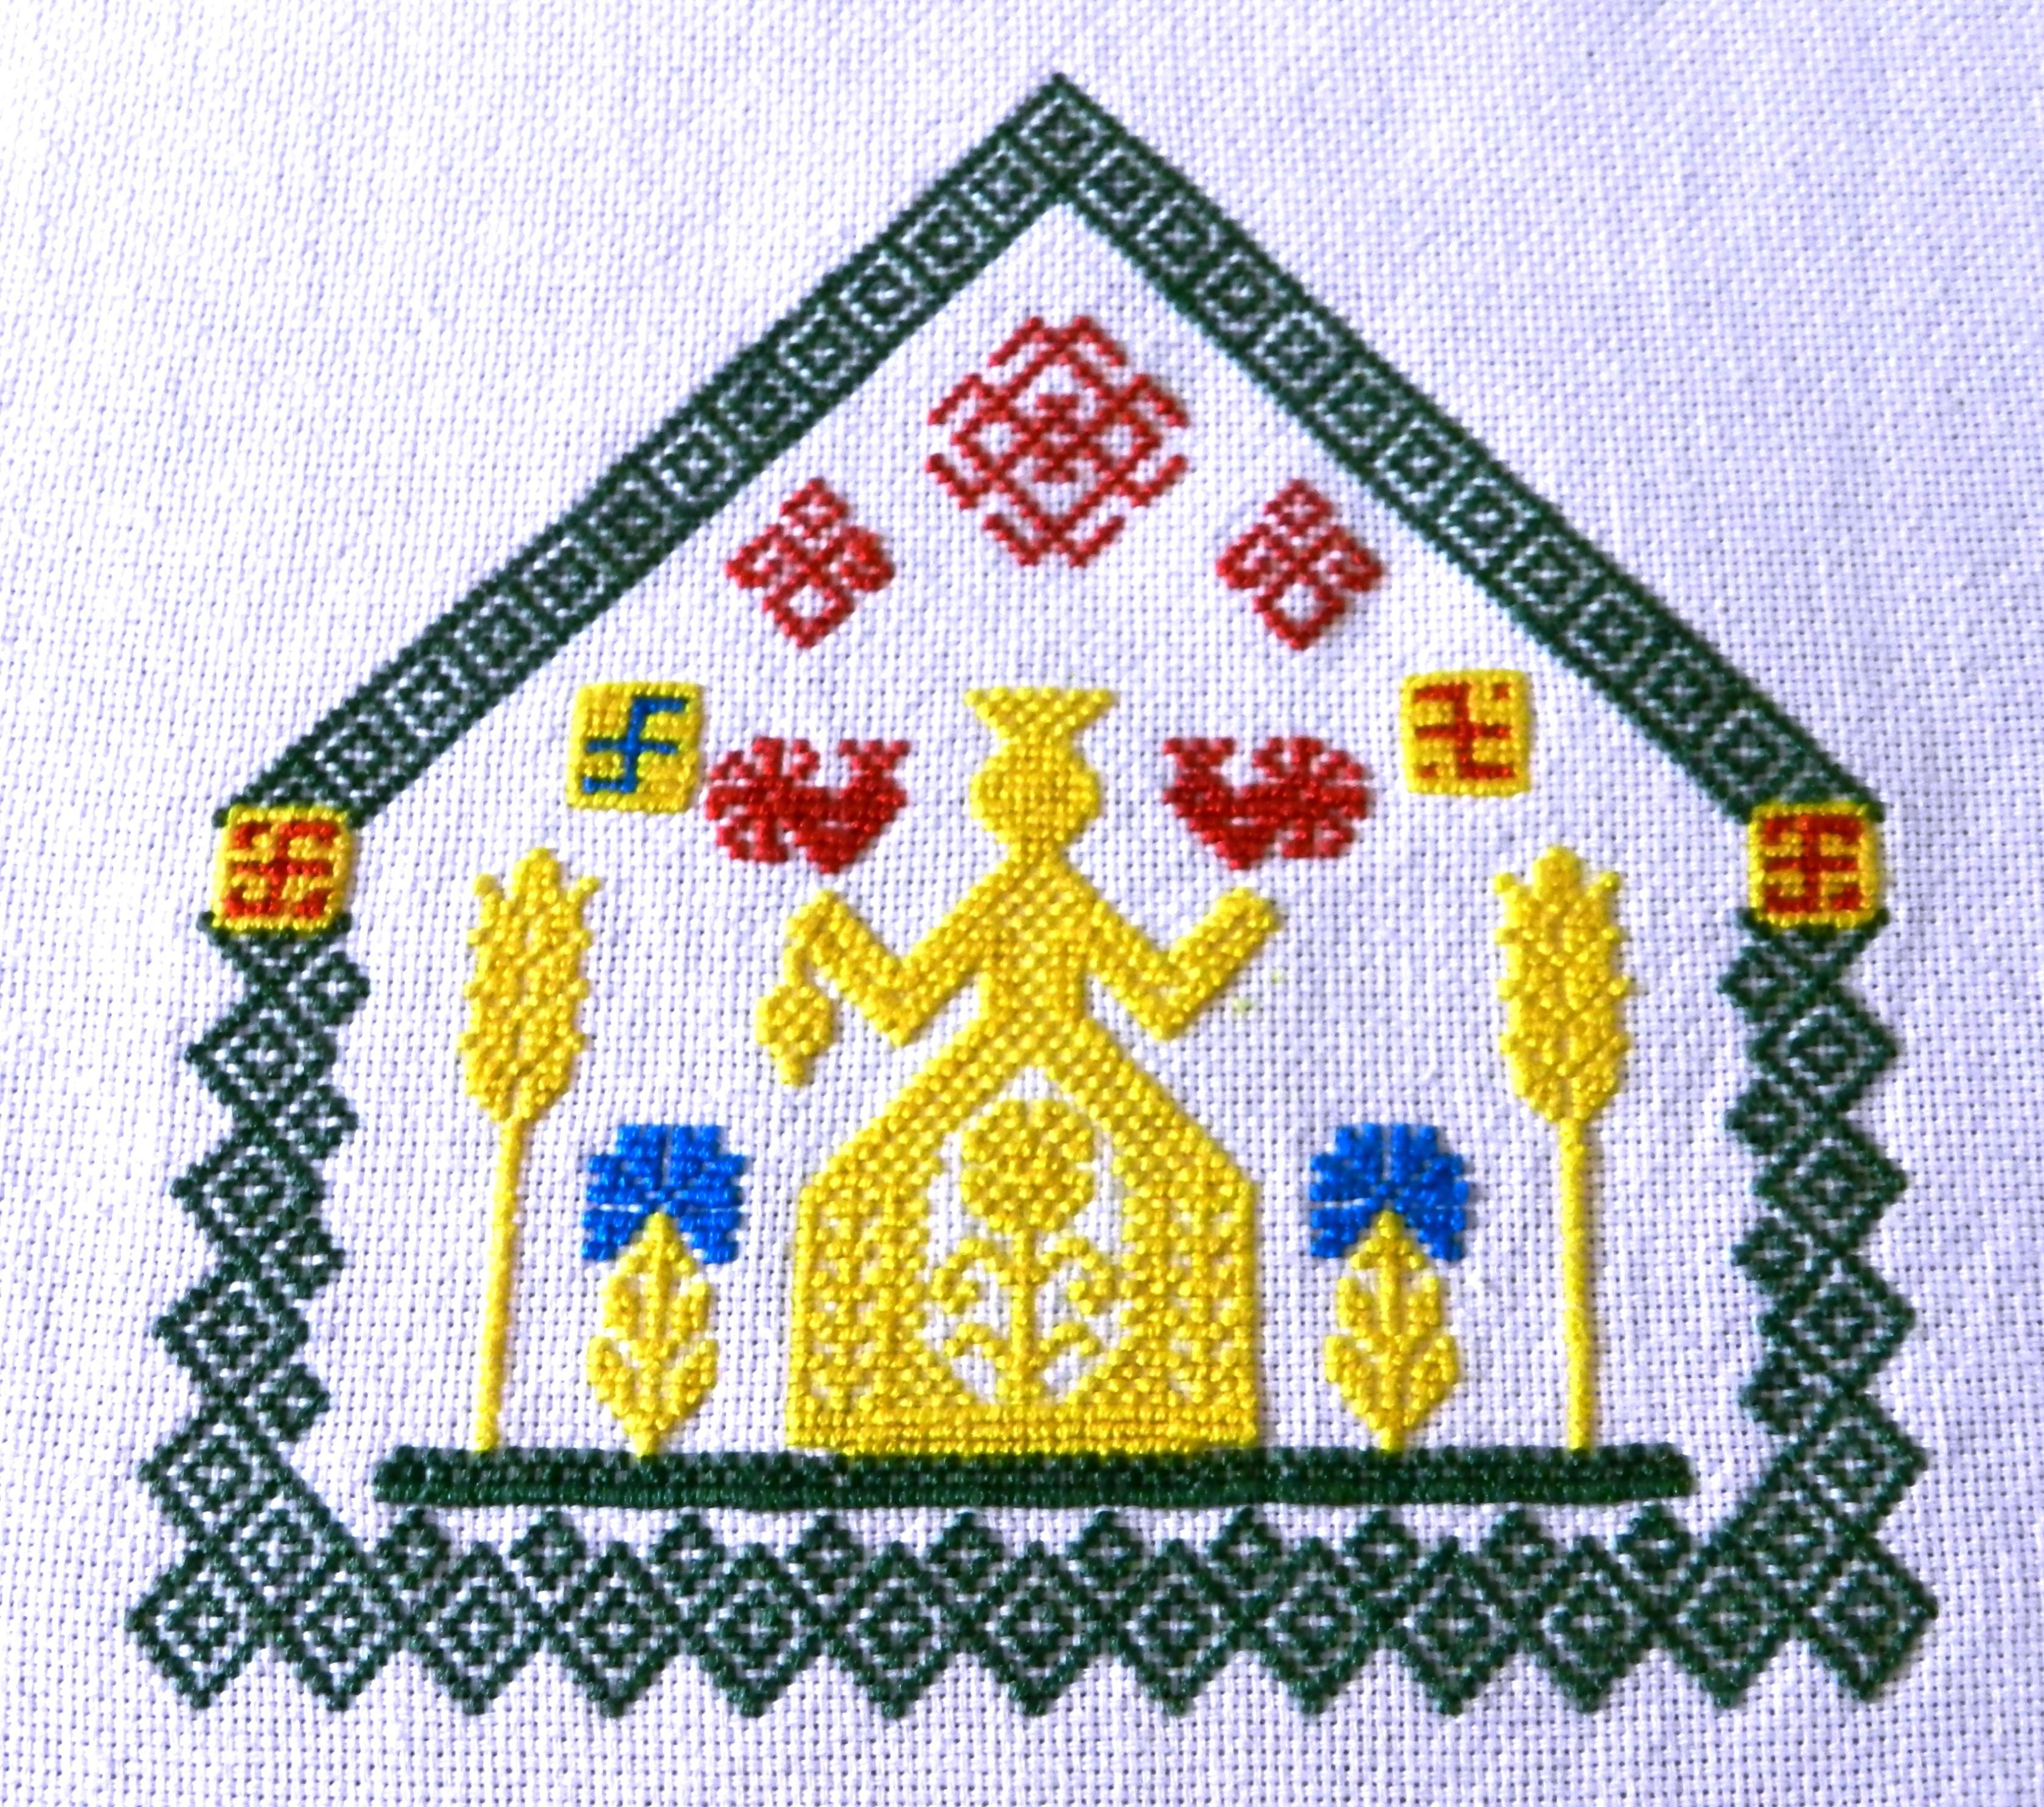 Символы и приметы в вышивке крестом - Мегавышивка 29